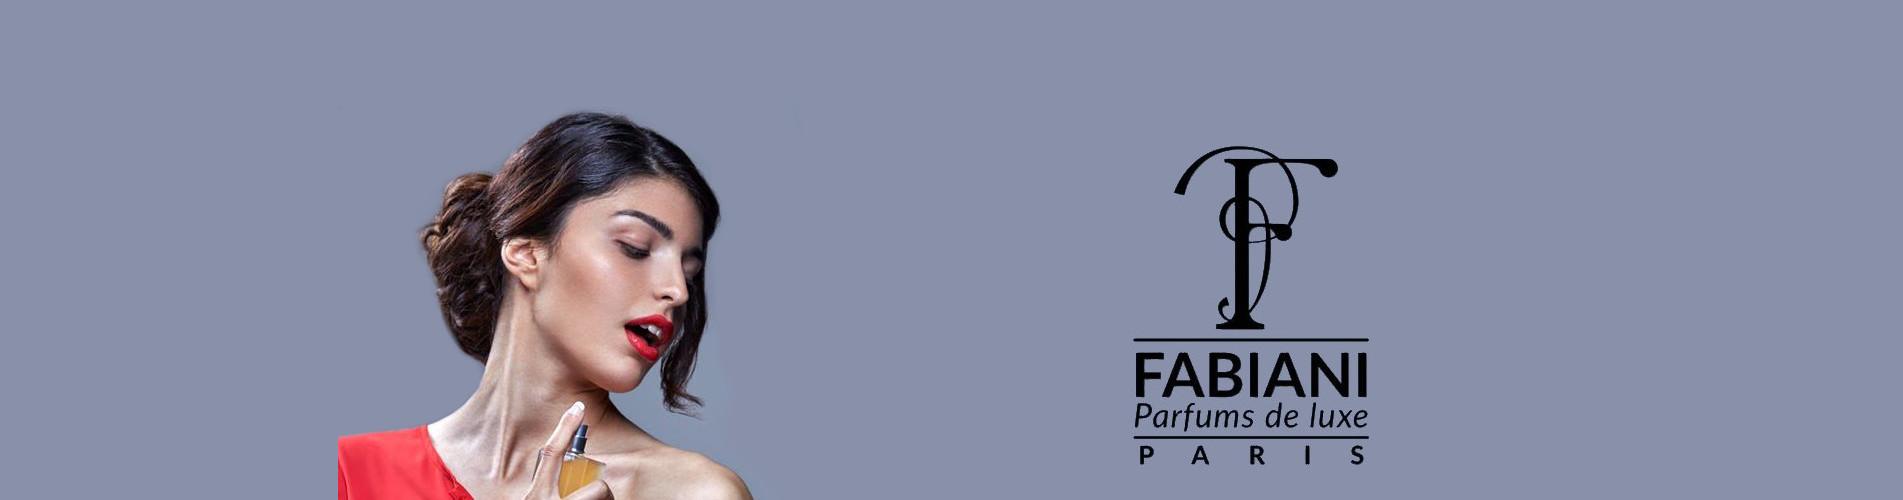 image illustrant les parfums pour femme Fabiani